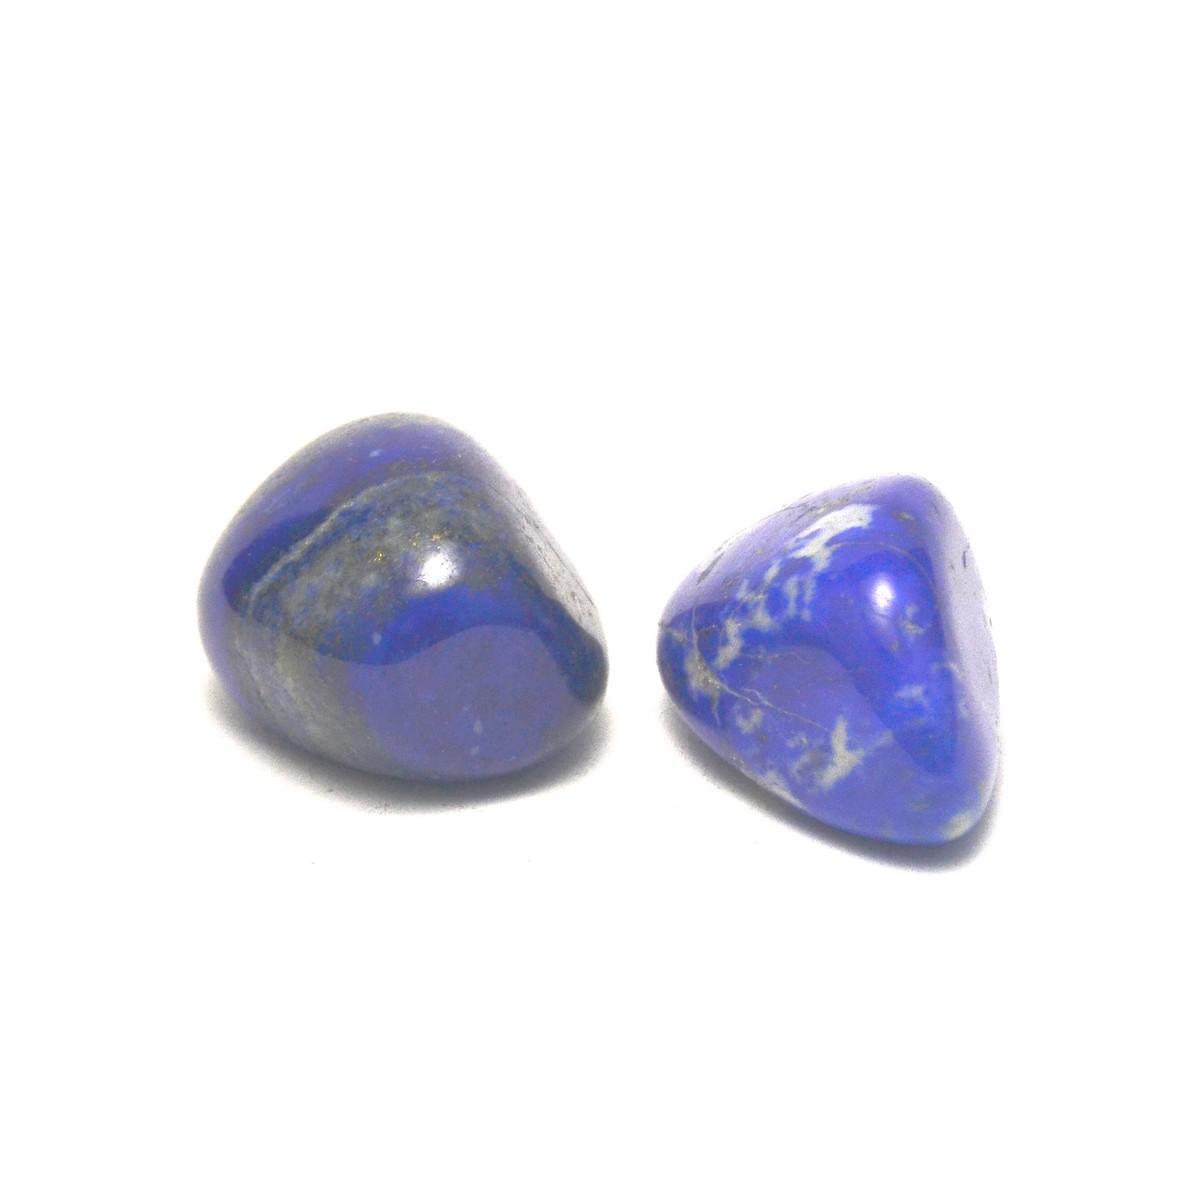 Pierre roulée lapis lazuli  naturelle